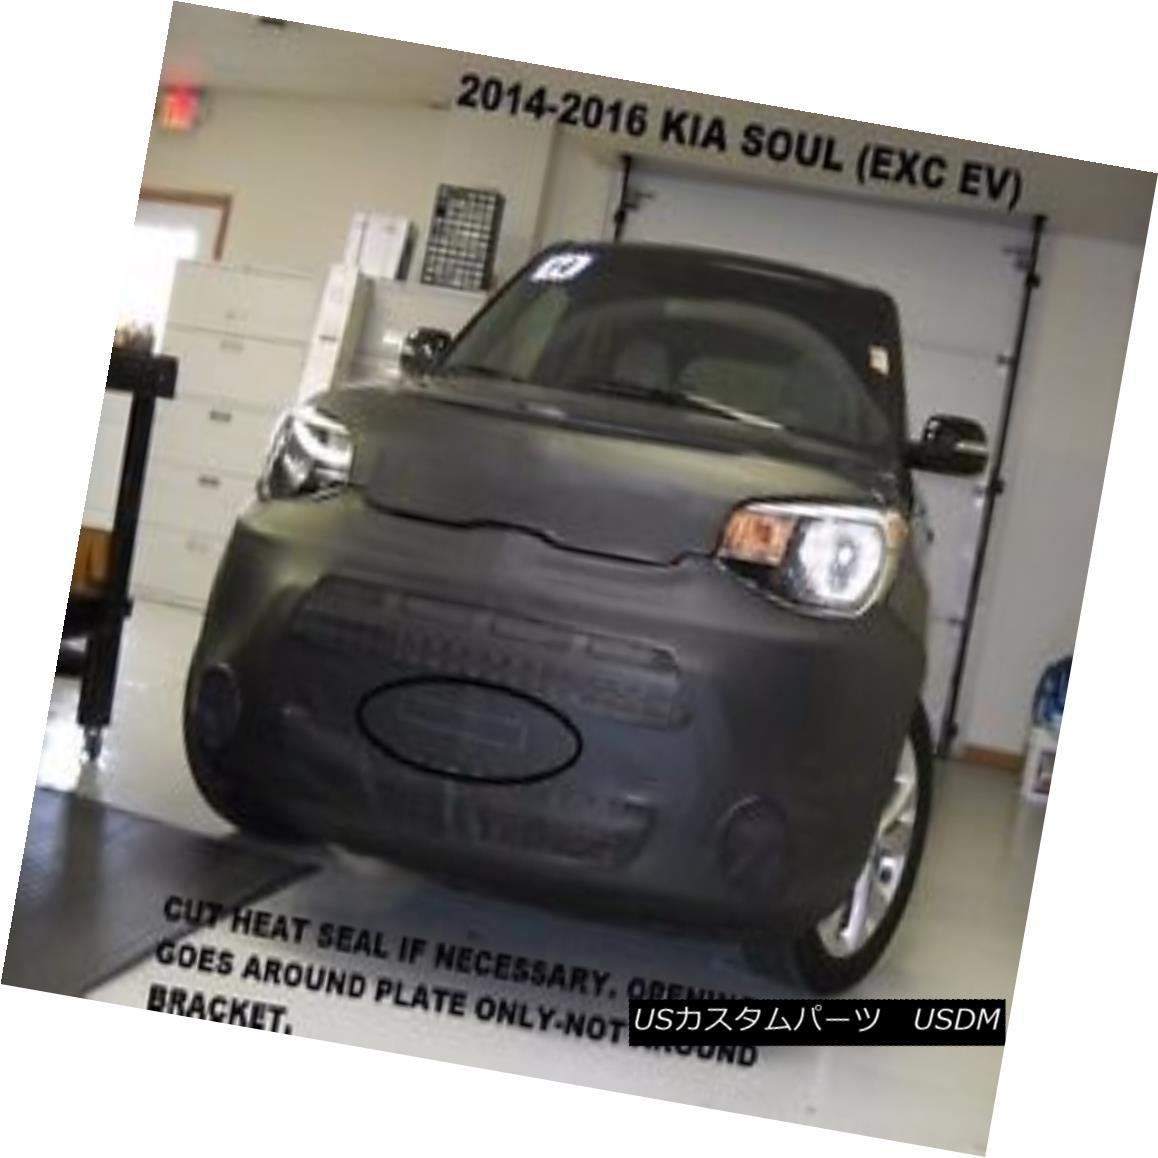 フルブラ ノーズブラ Lebra Front End Mask Bra Cover Fits 2014-2016 Kia Soul (Exc. EV) model Lebraフロントエンドマスクブラジャーフィット2014-2016 Kia Soul(Exc。EV)モデル